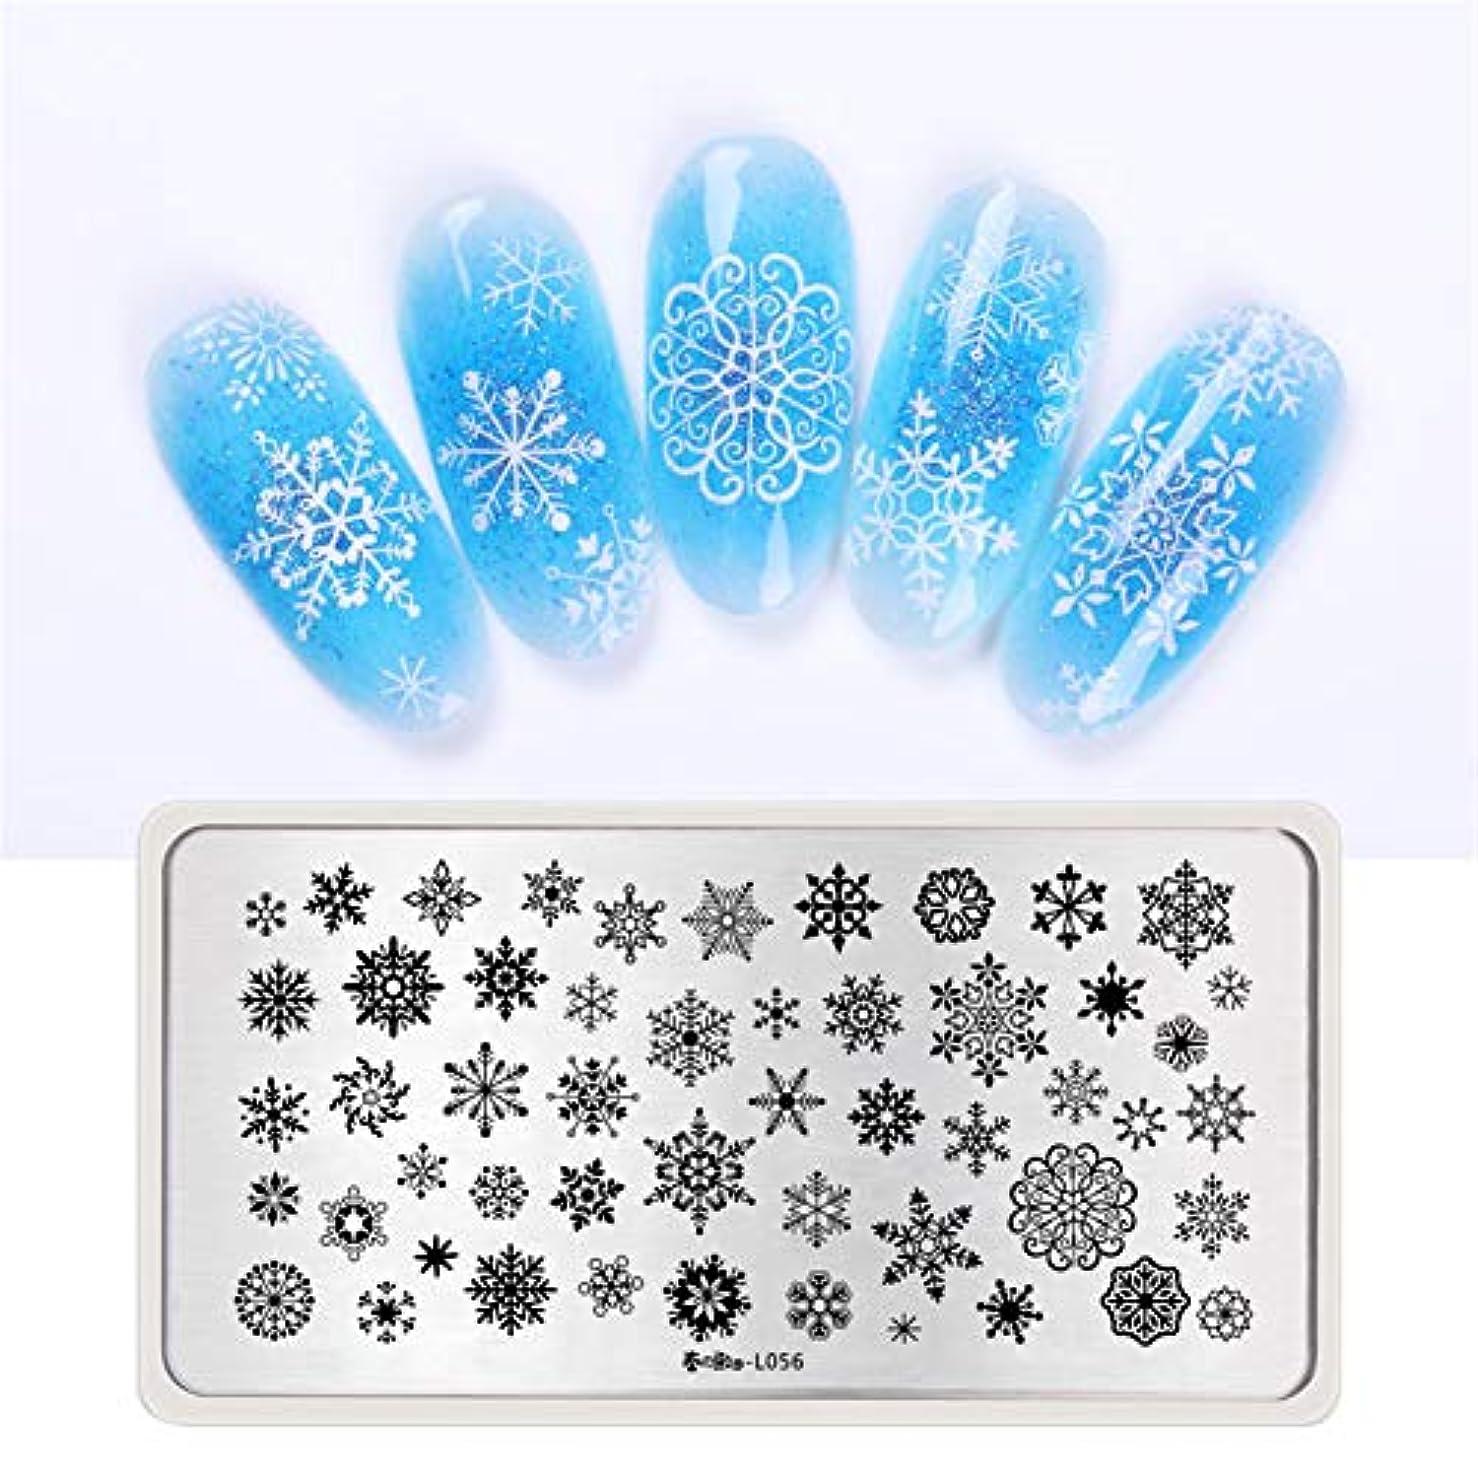 宮殿気づかない適合春の歌 スタンププレート クリスマス 雪だるま 雪花 冬ネイル スタンプネイルプレートスタンピングプレートネイル用品